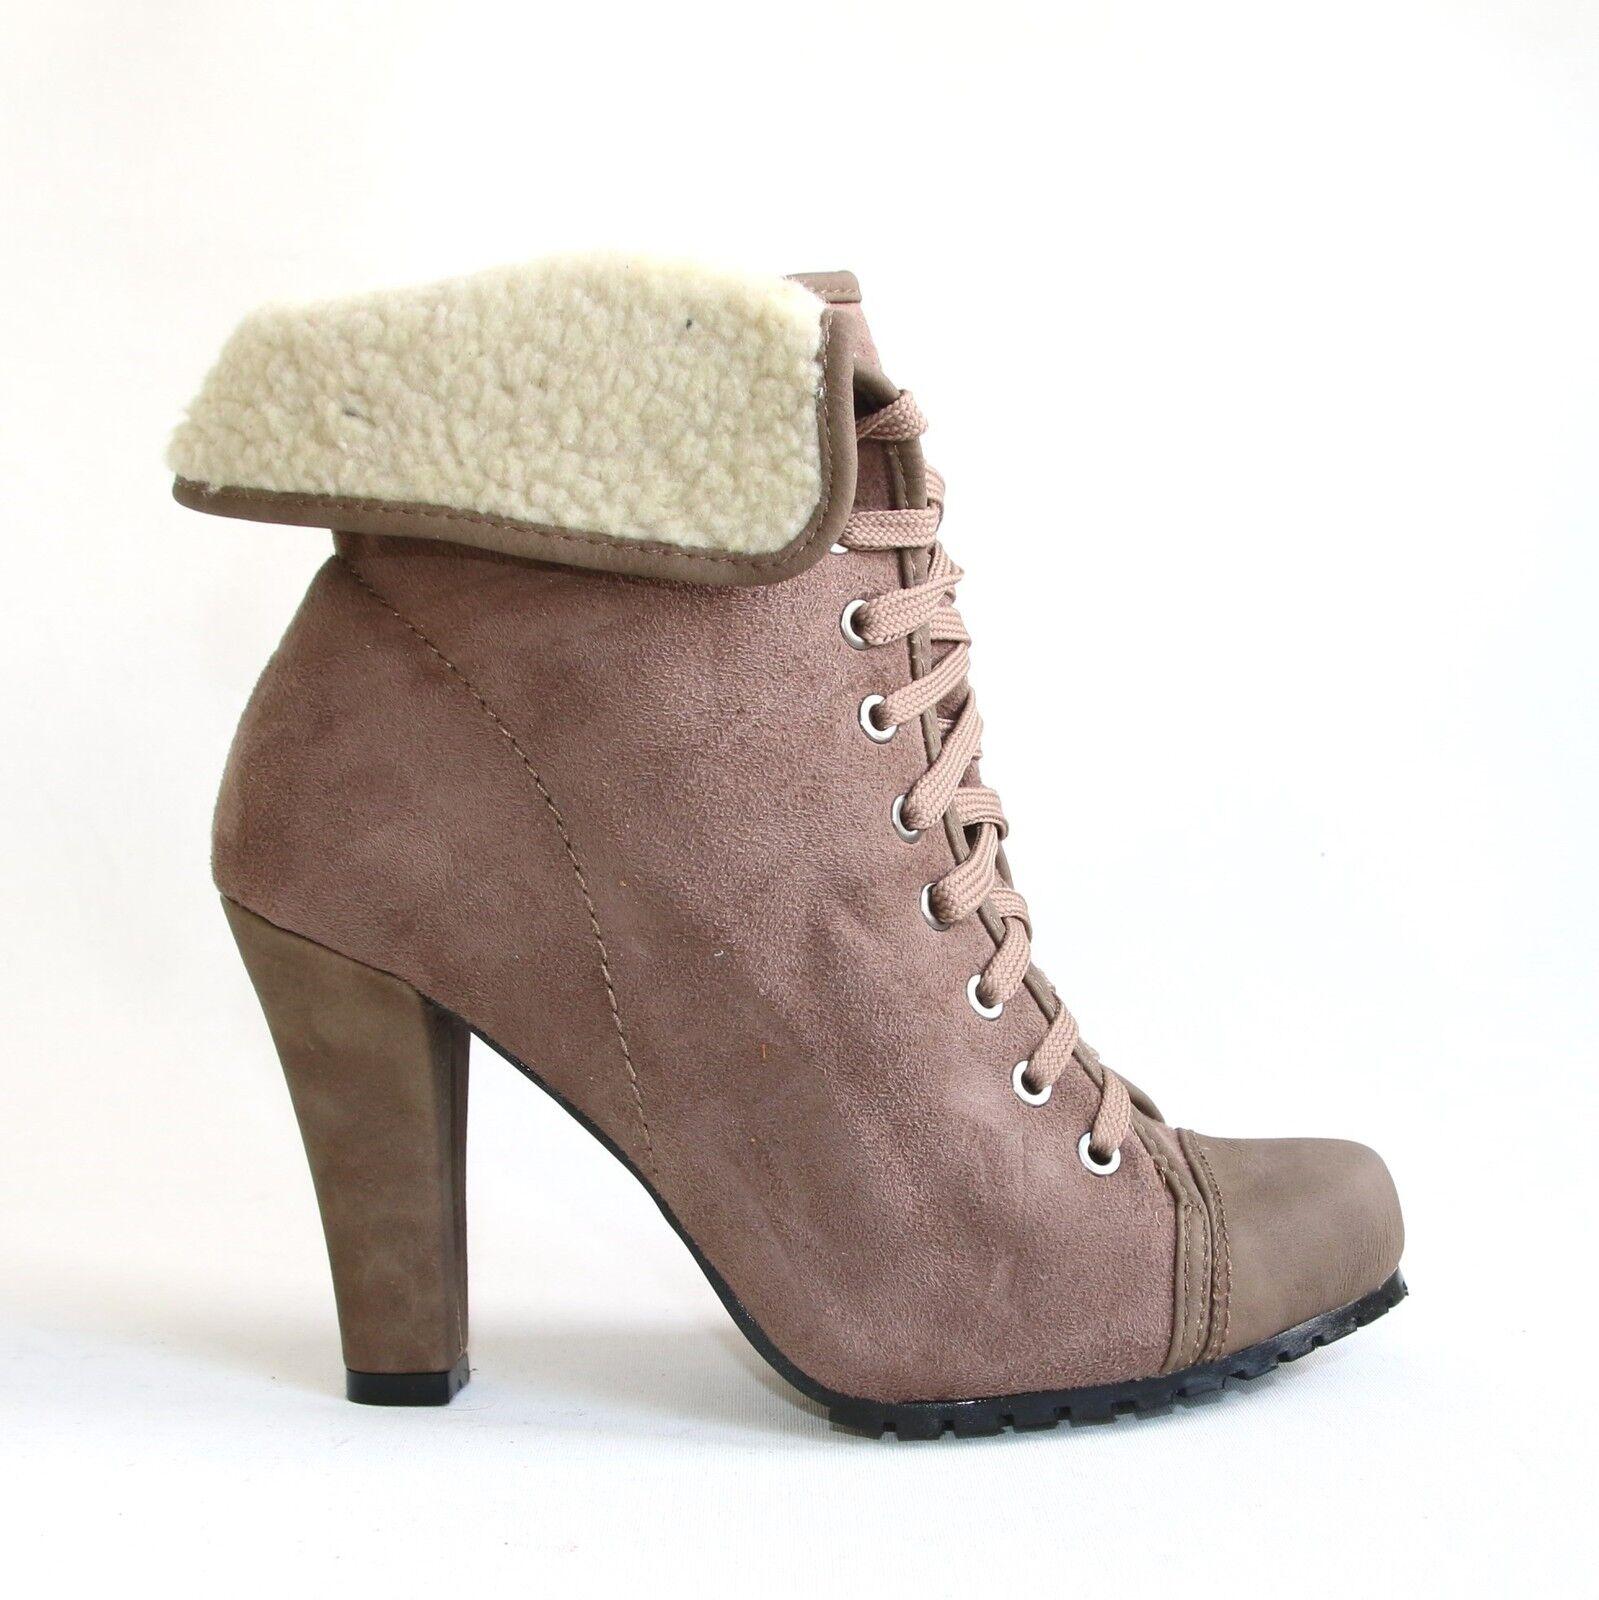 Damen Stiefeletten Braun 39 Damenschuhe Halbschuhe Boots Pumps High Heels LS-84.